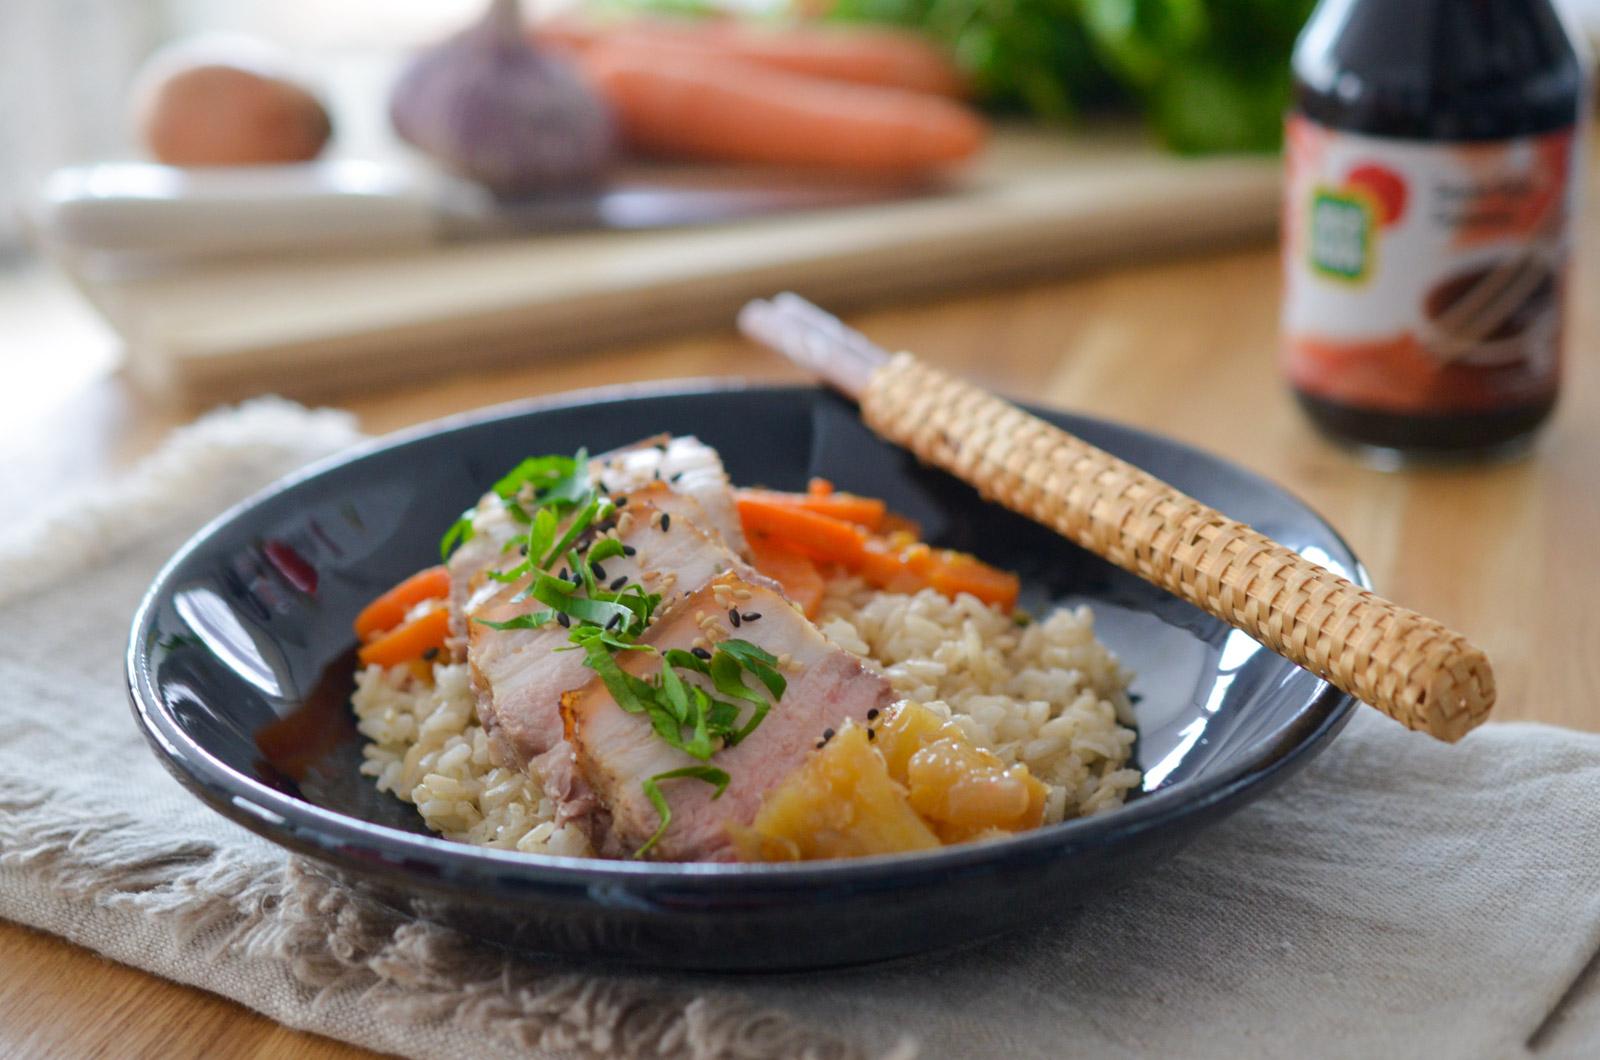 Poitrine de porc au chutney d'ananas et ses carottes à l'orange